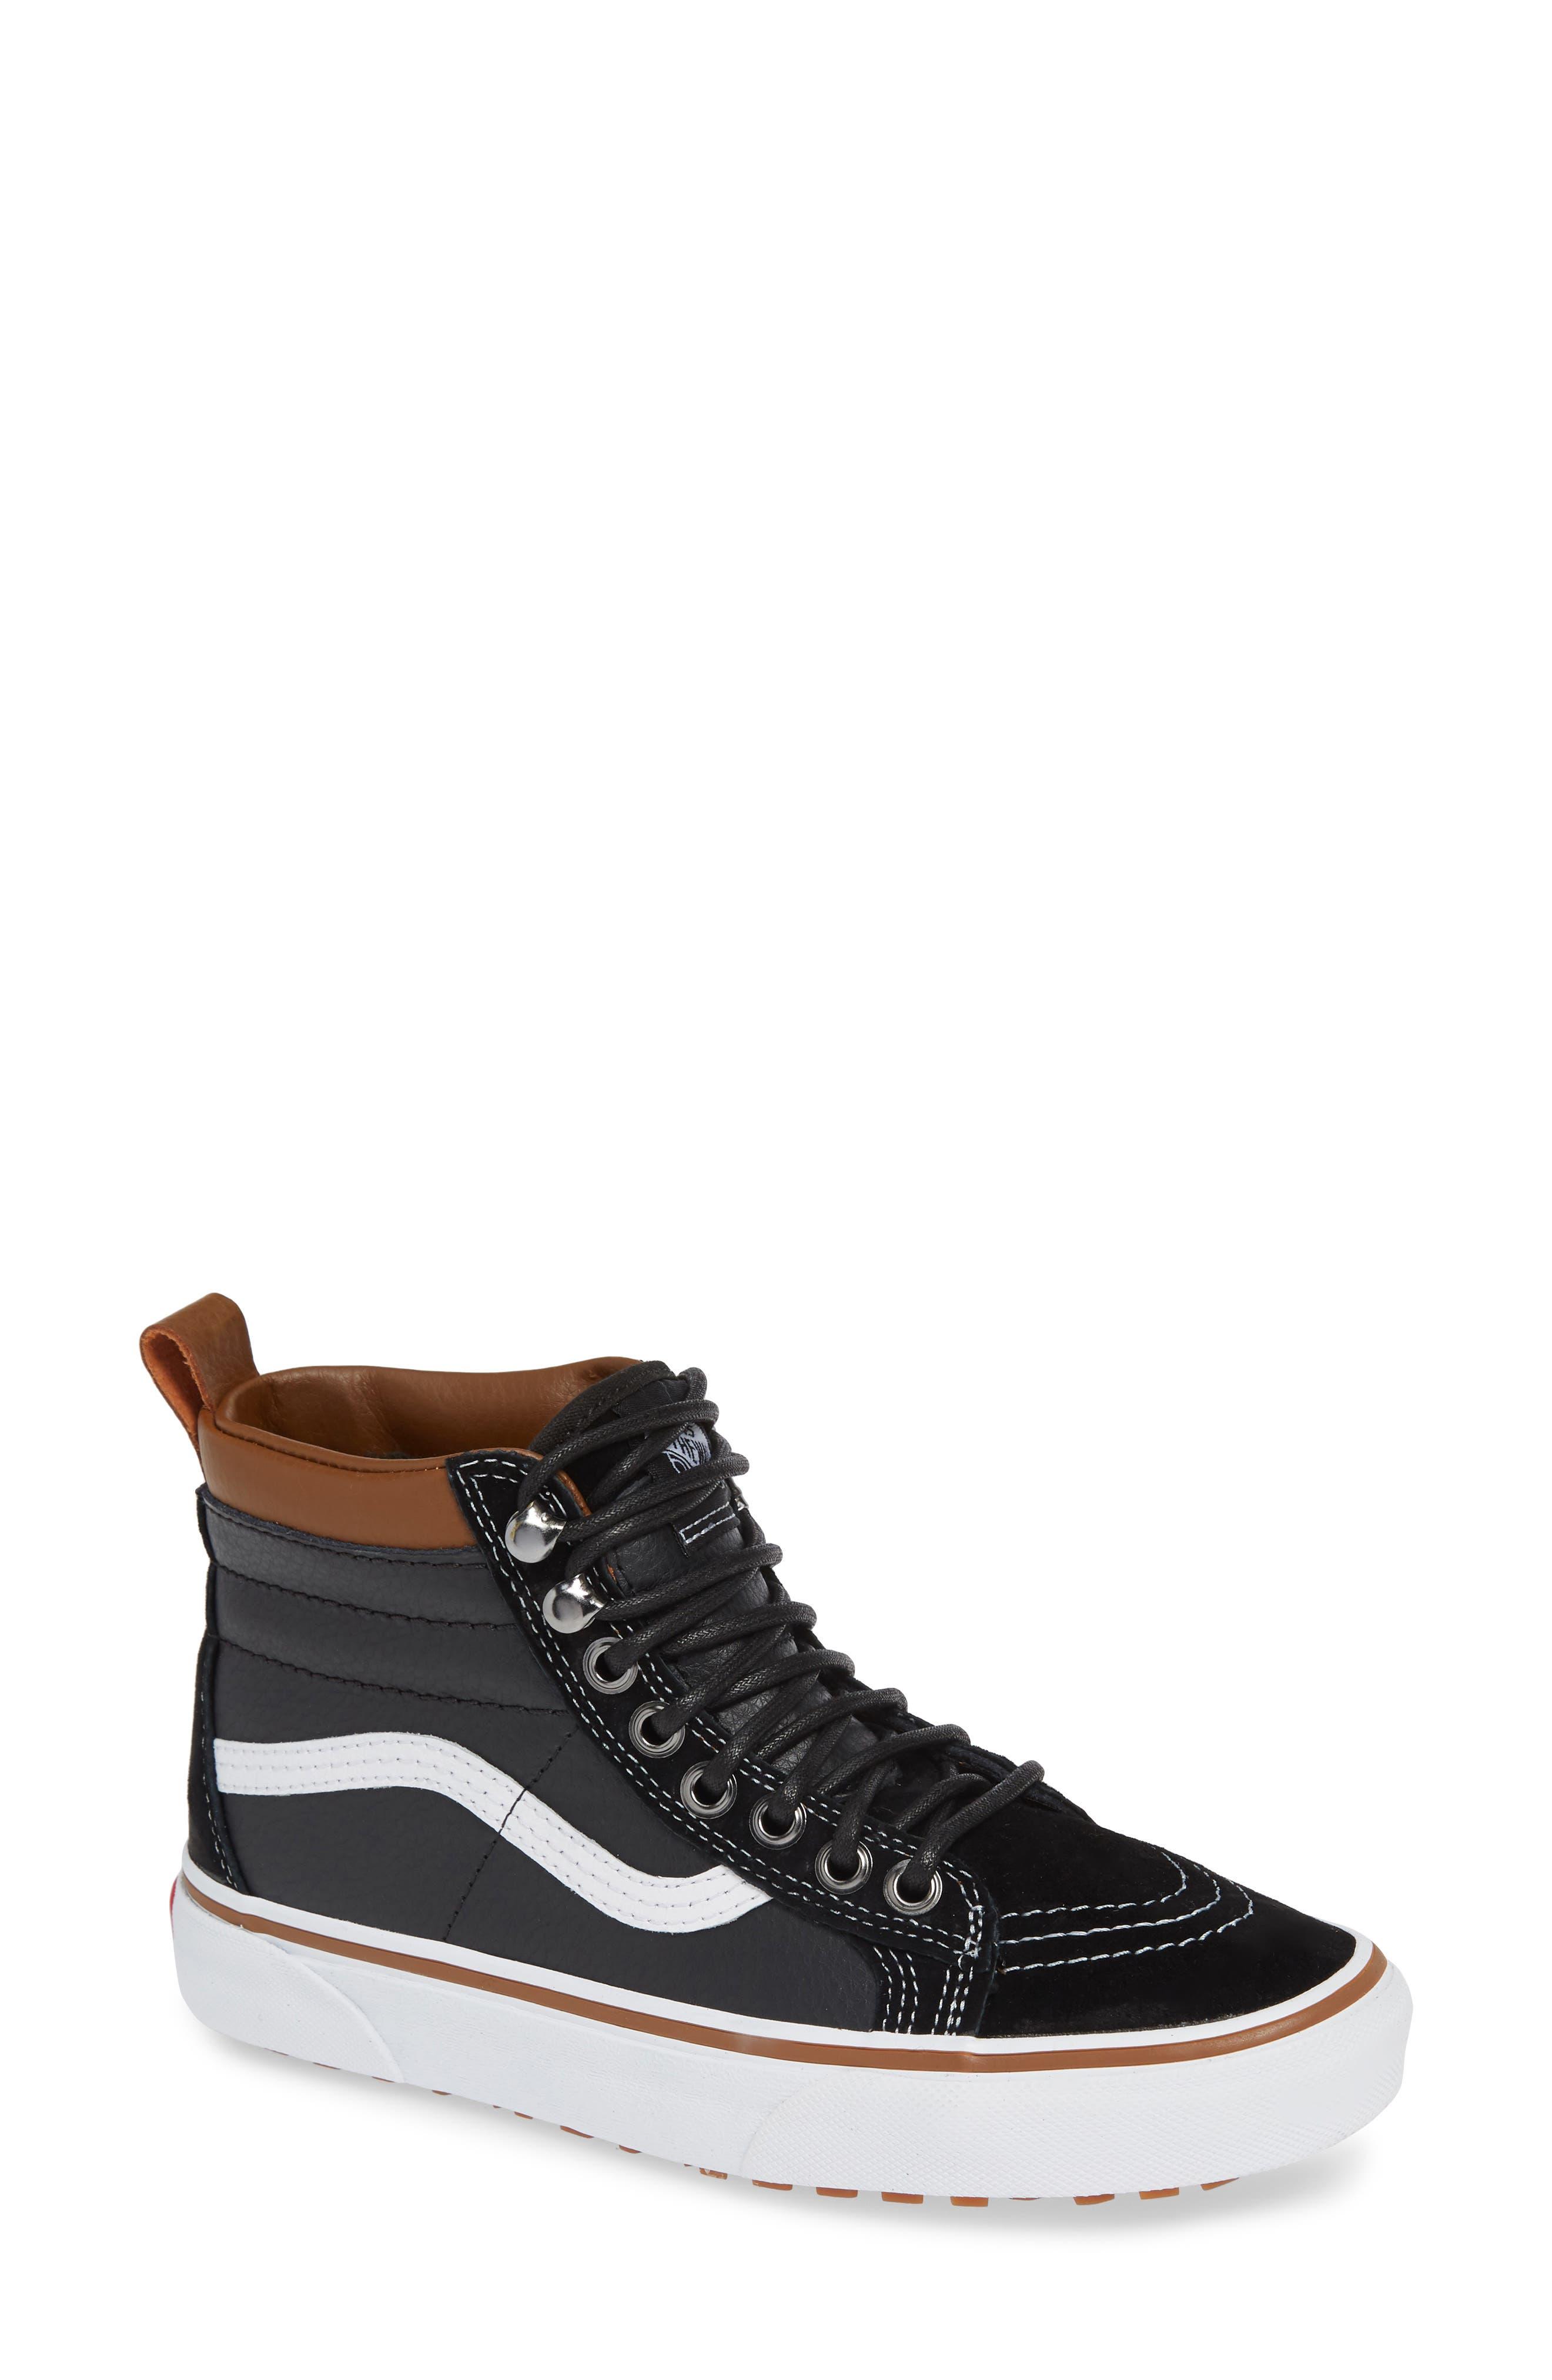 Vans Sk8-Hi Mte Sneaker- Black